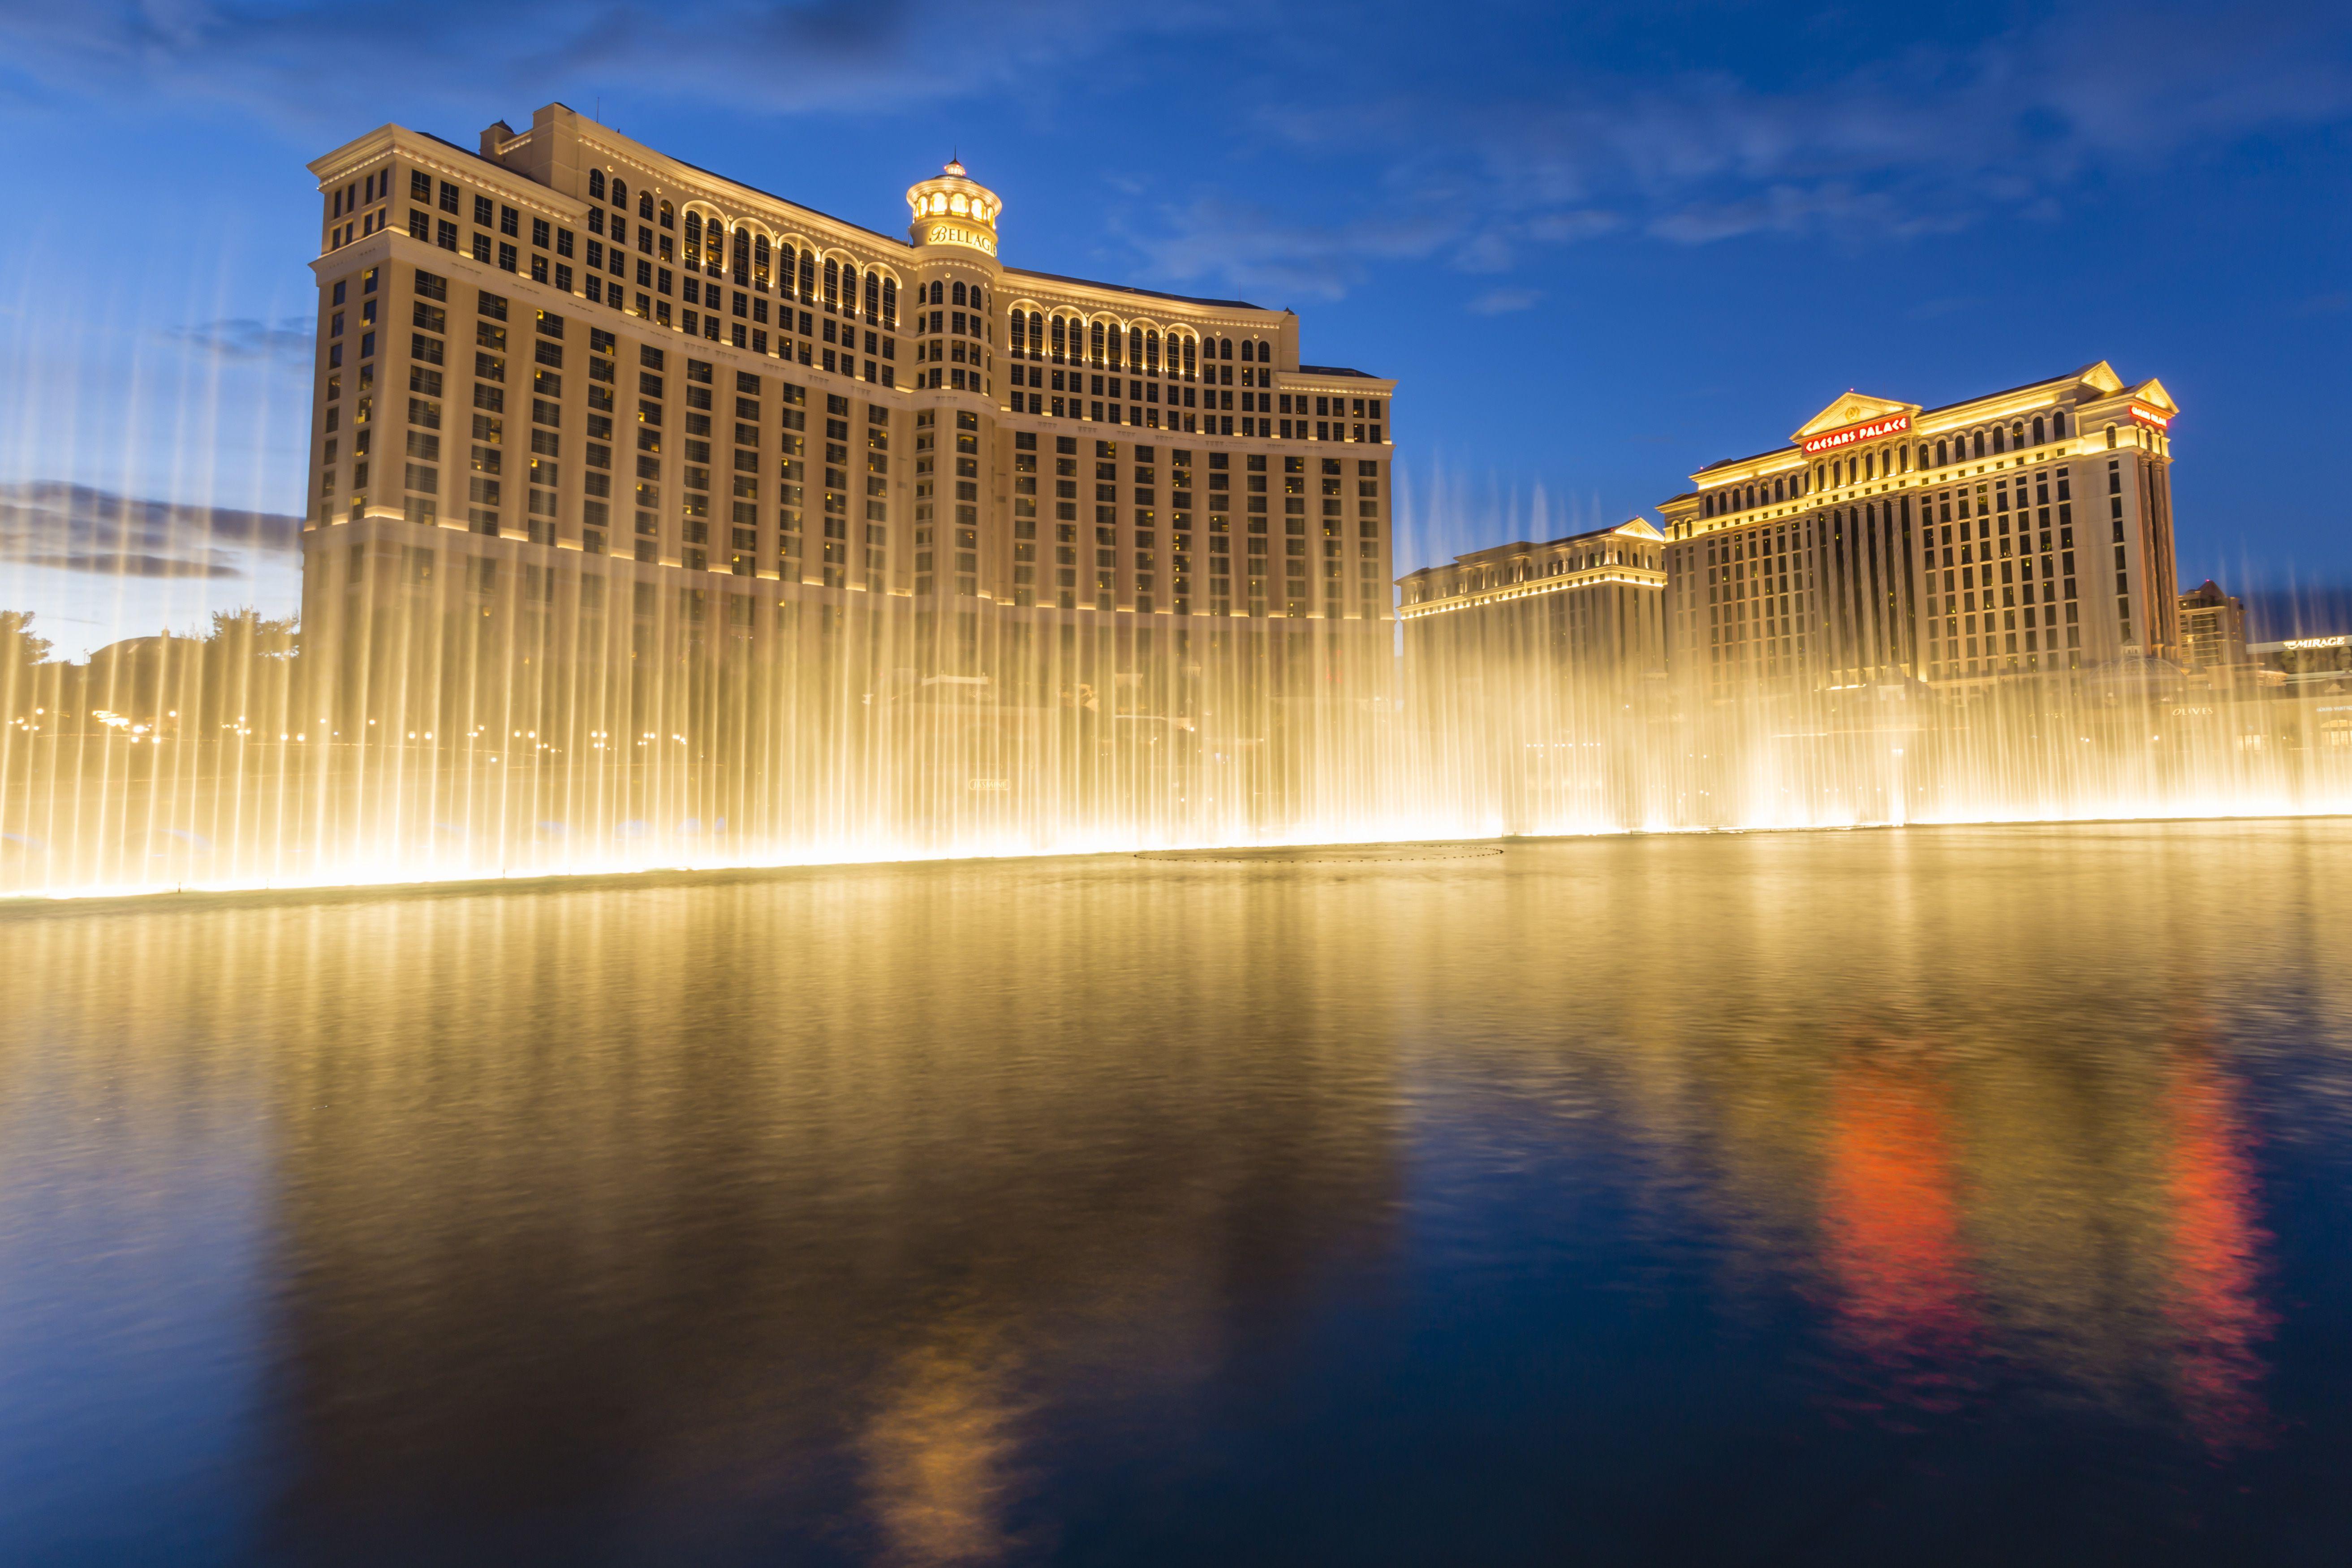 Reflexiones de Bellagio y Caesars Palace al anochecer con fuentes, The Strip , Las Vegas, Nevada, Estados Unidos de América, Norteamérica